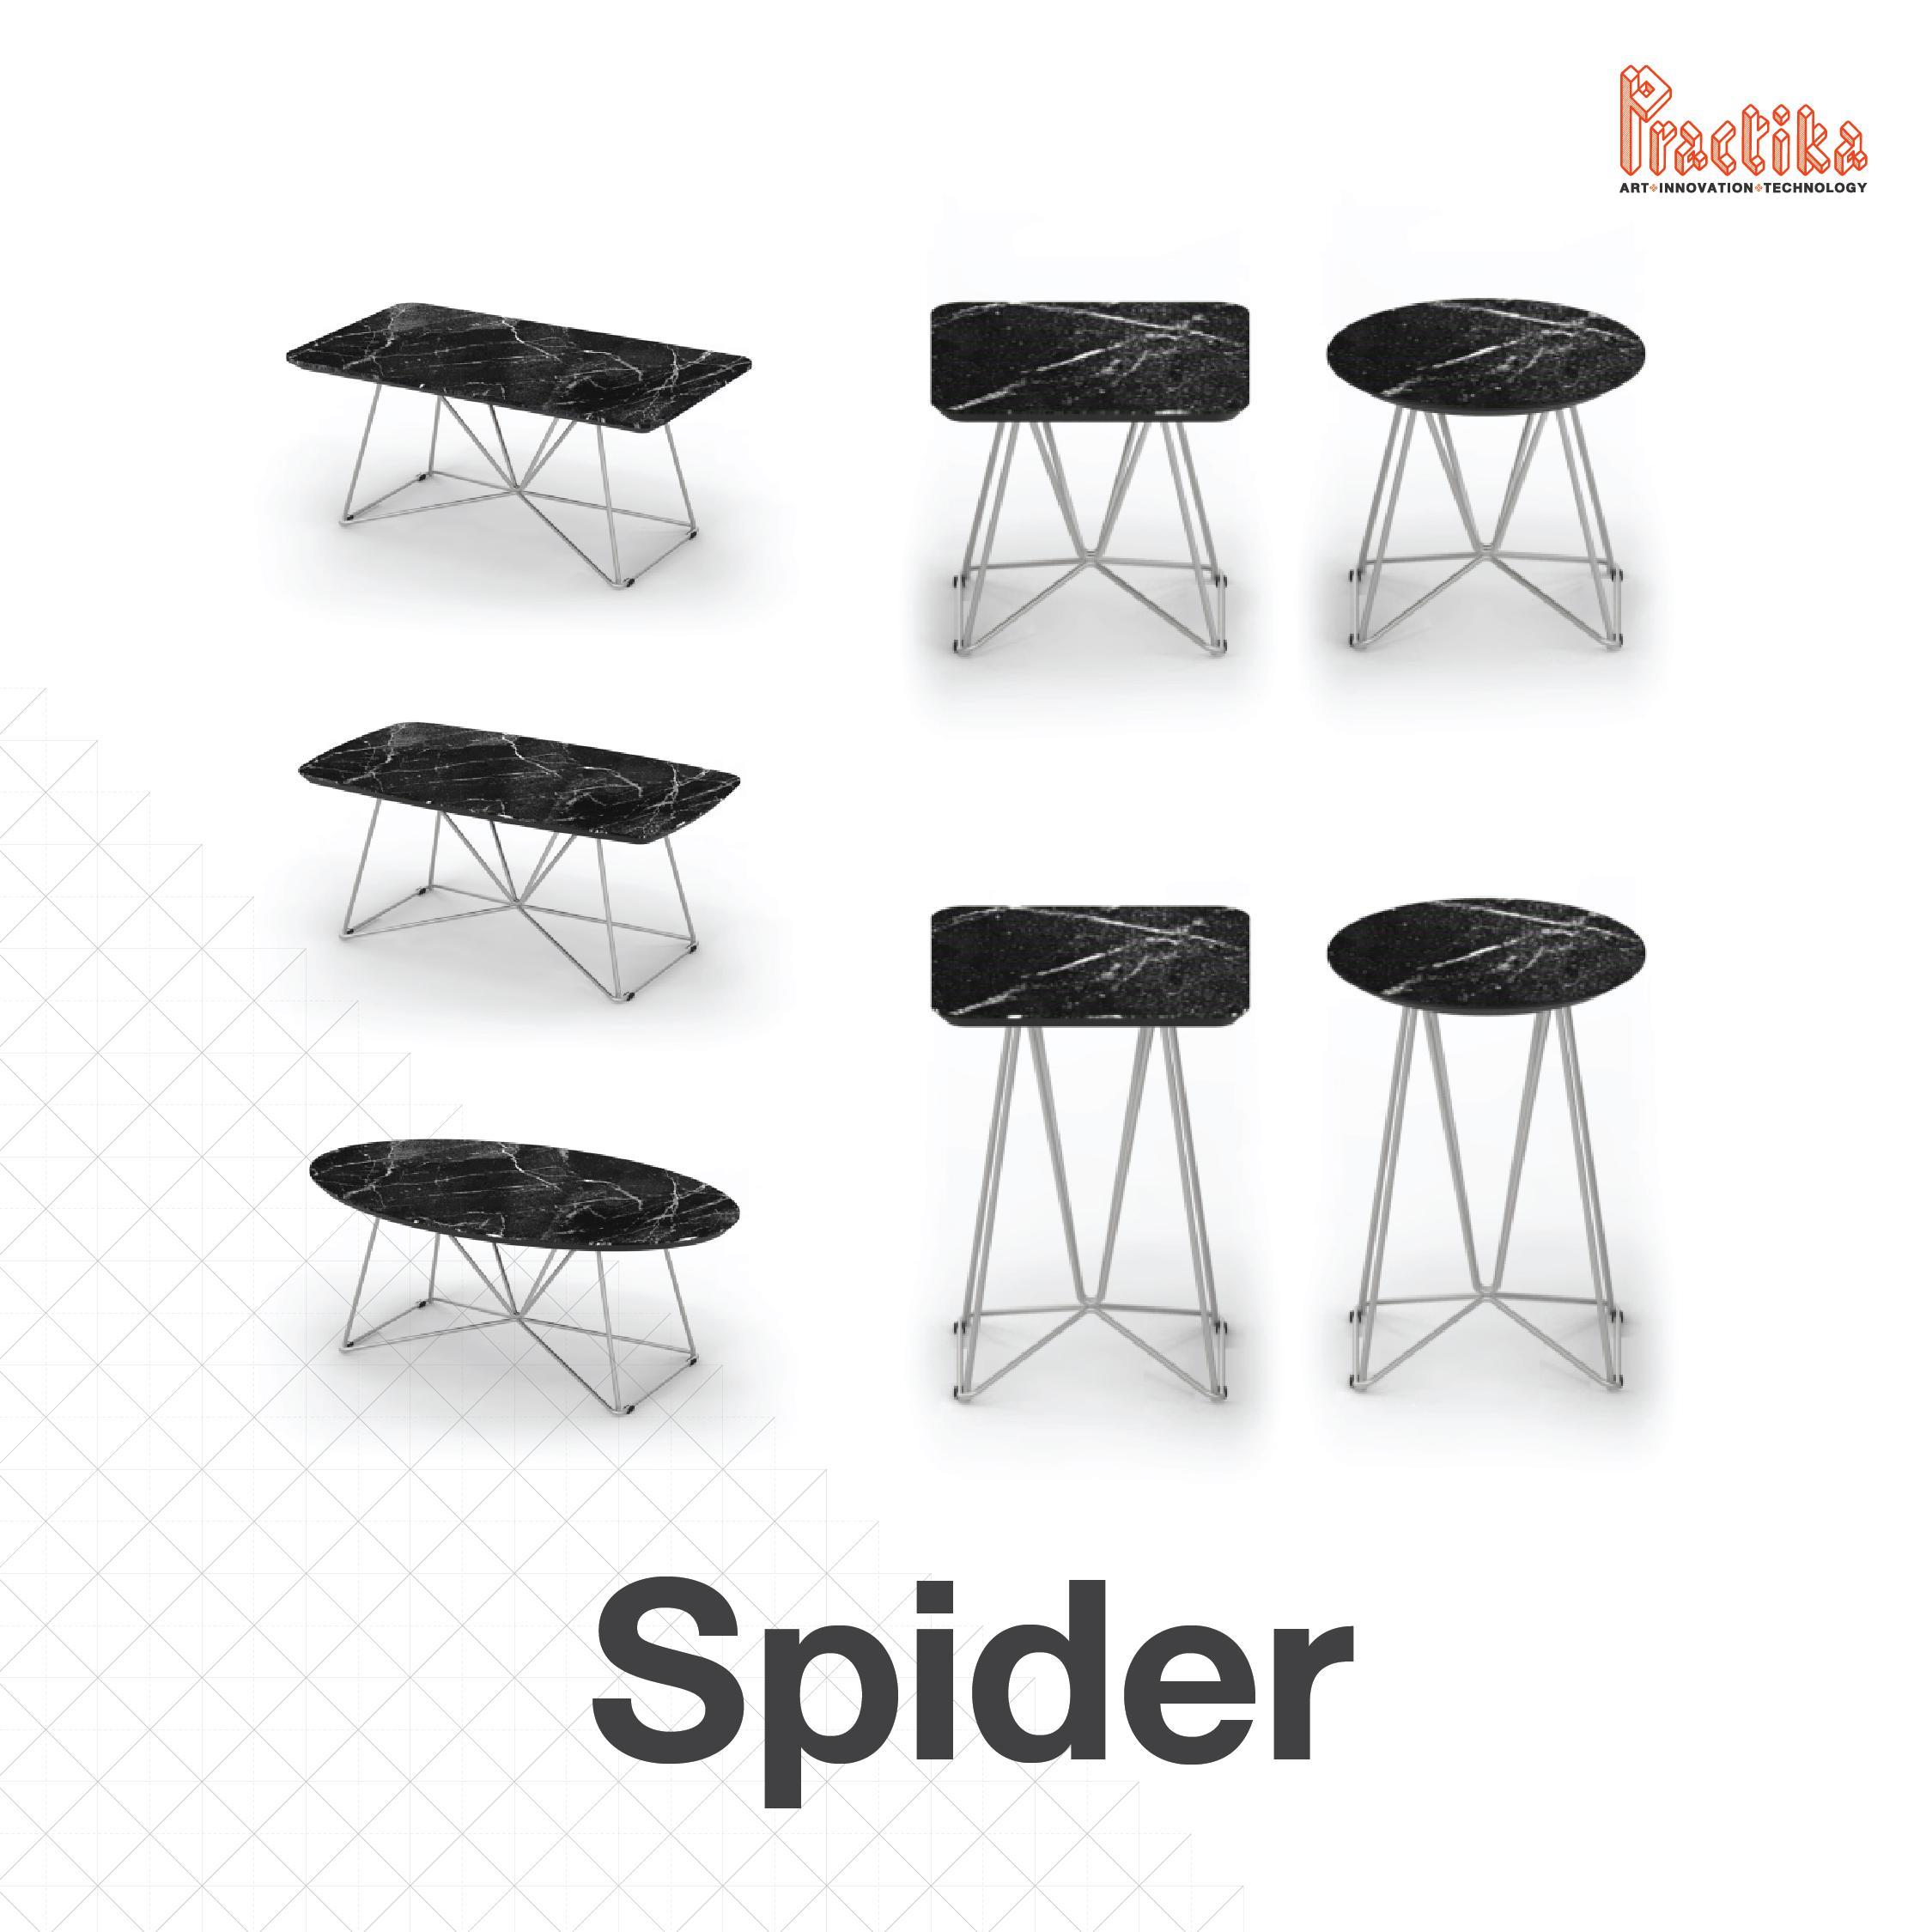 ผลิตภัณฑ์ใหม่จากแพรคติก้า โต๊ะรุ่น SPIDER